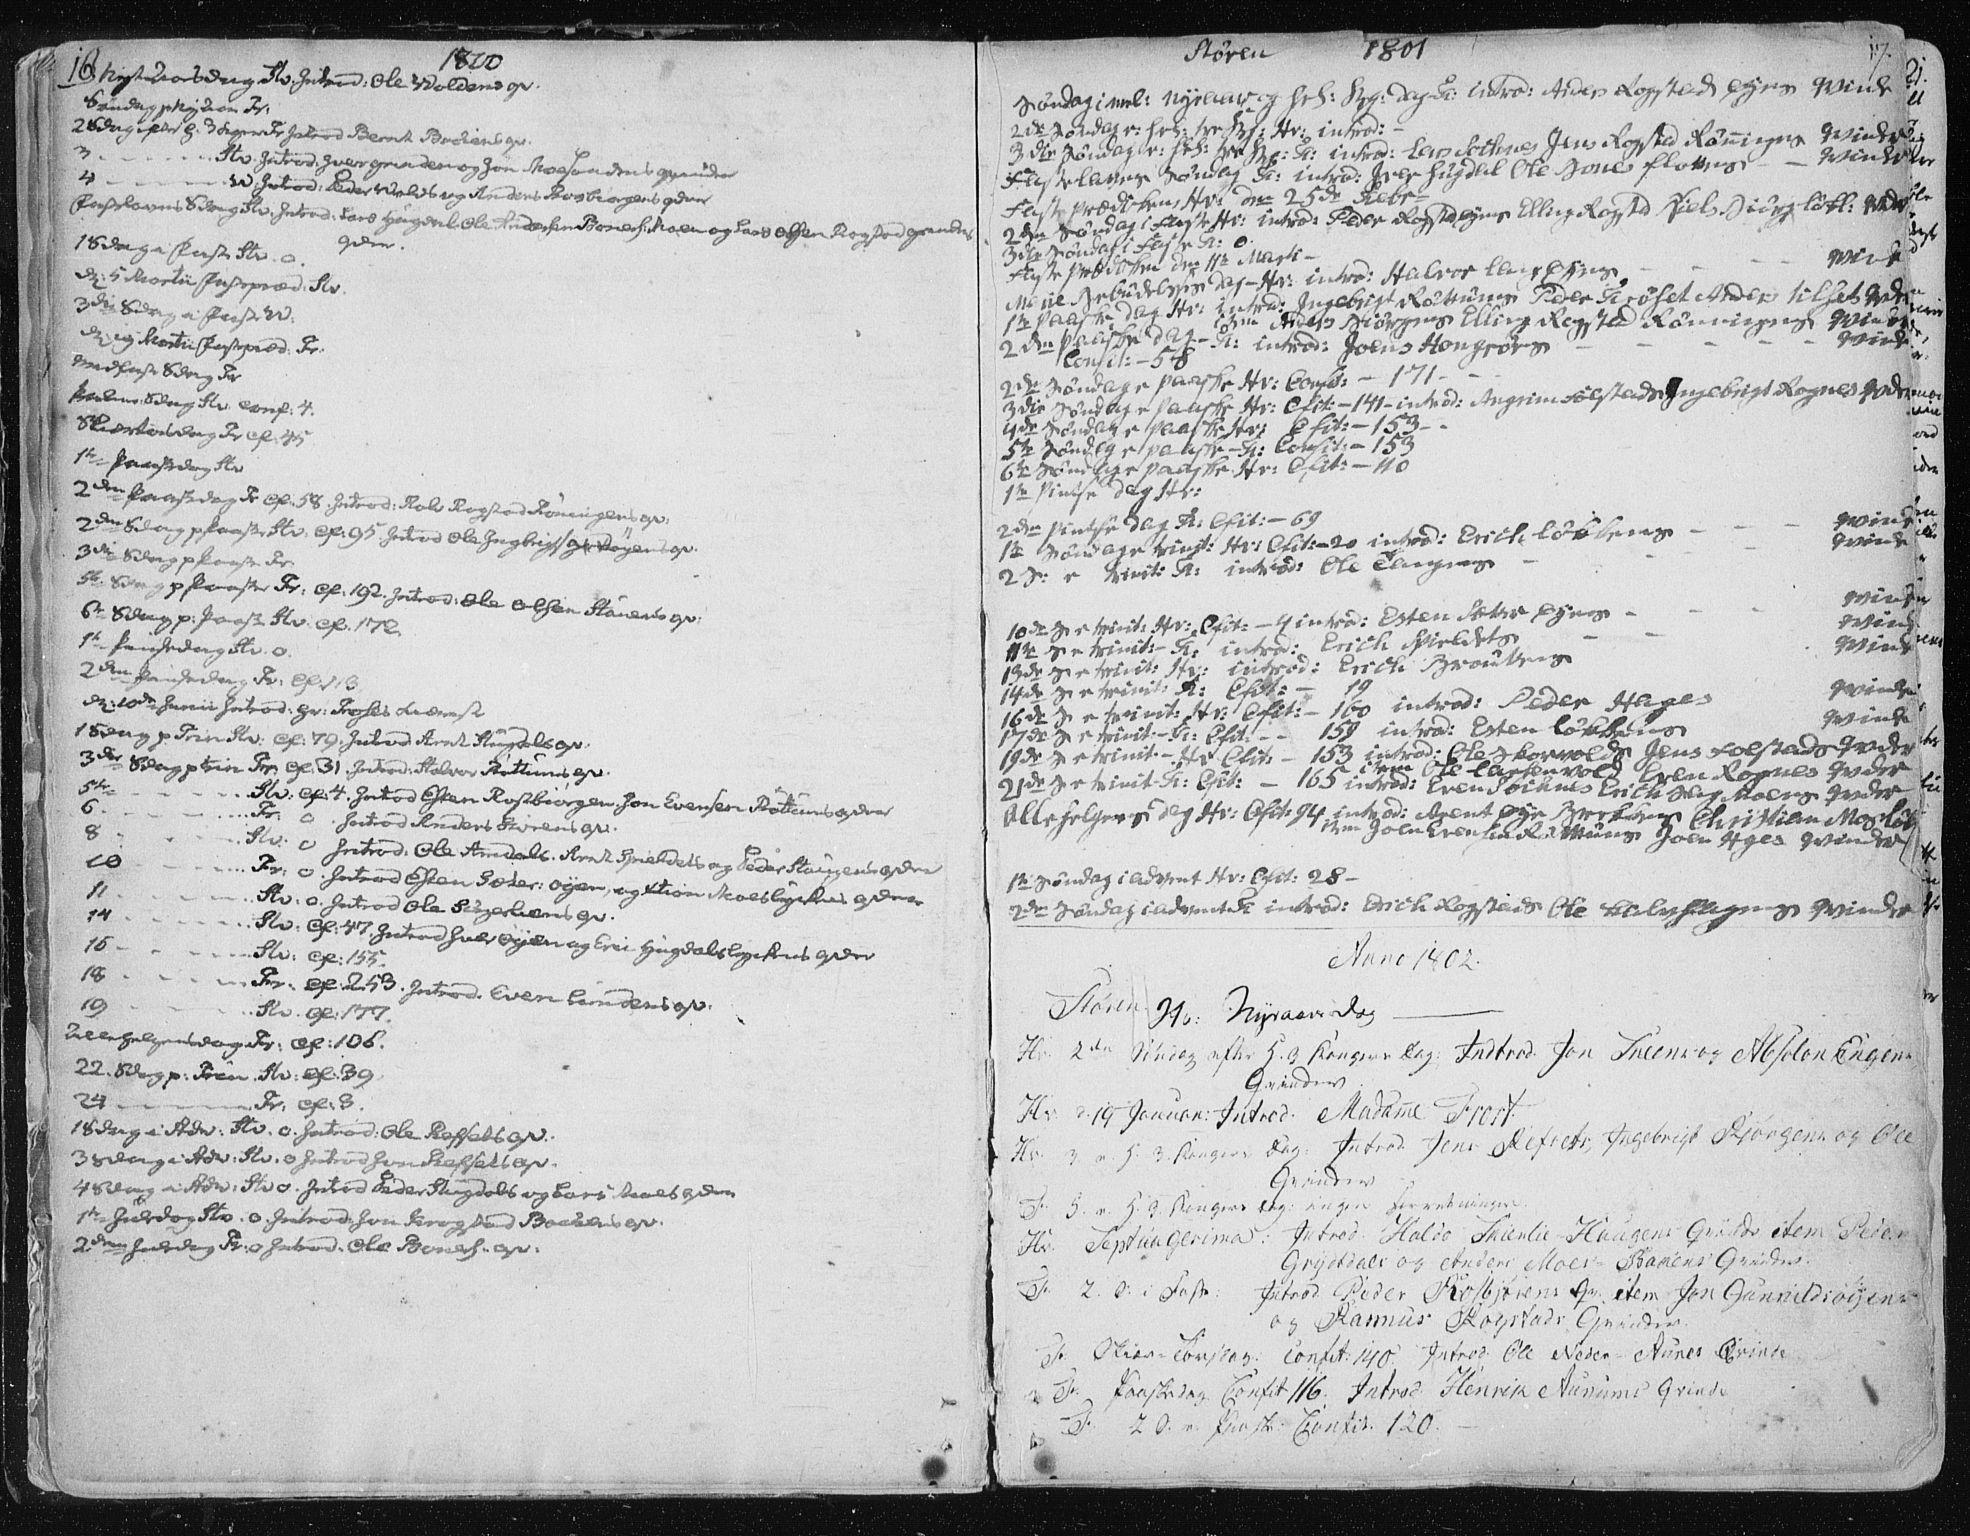 SAT, Ministerialprotokoller, klokkerbøker og fødselsregistre - Sør-Trøndelag, 687/L0992: Ministerialbok nr. 687A03 /1, 1788-1815, s. 16-17